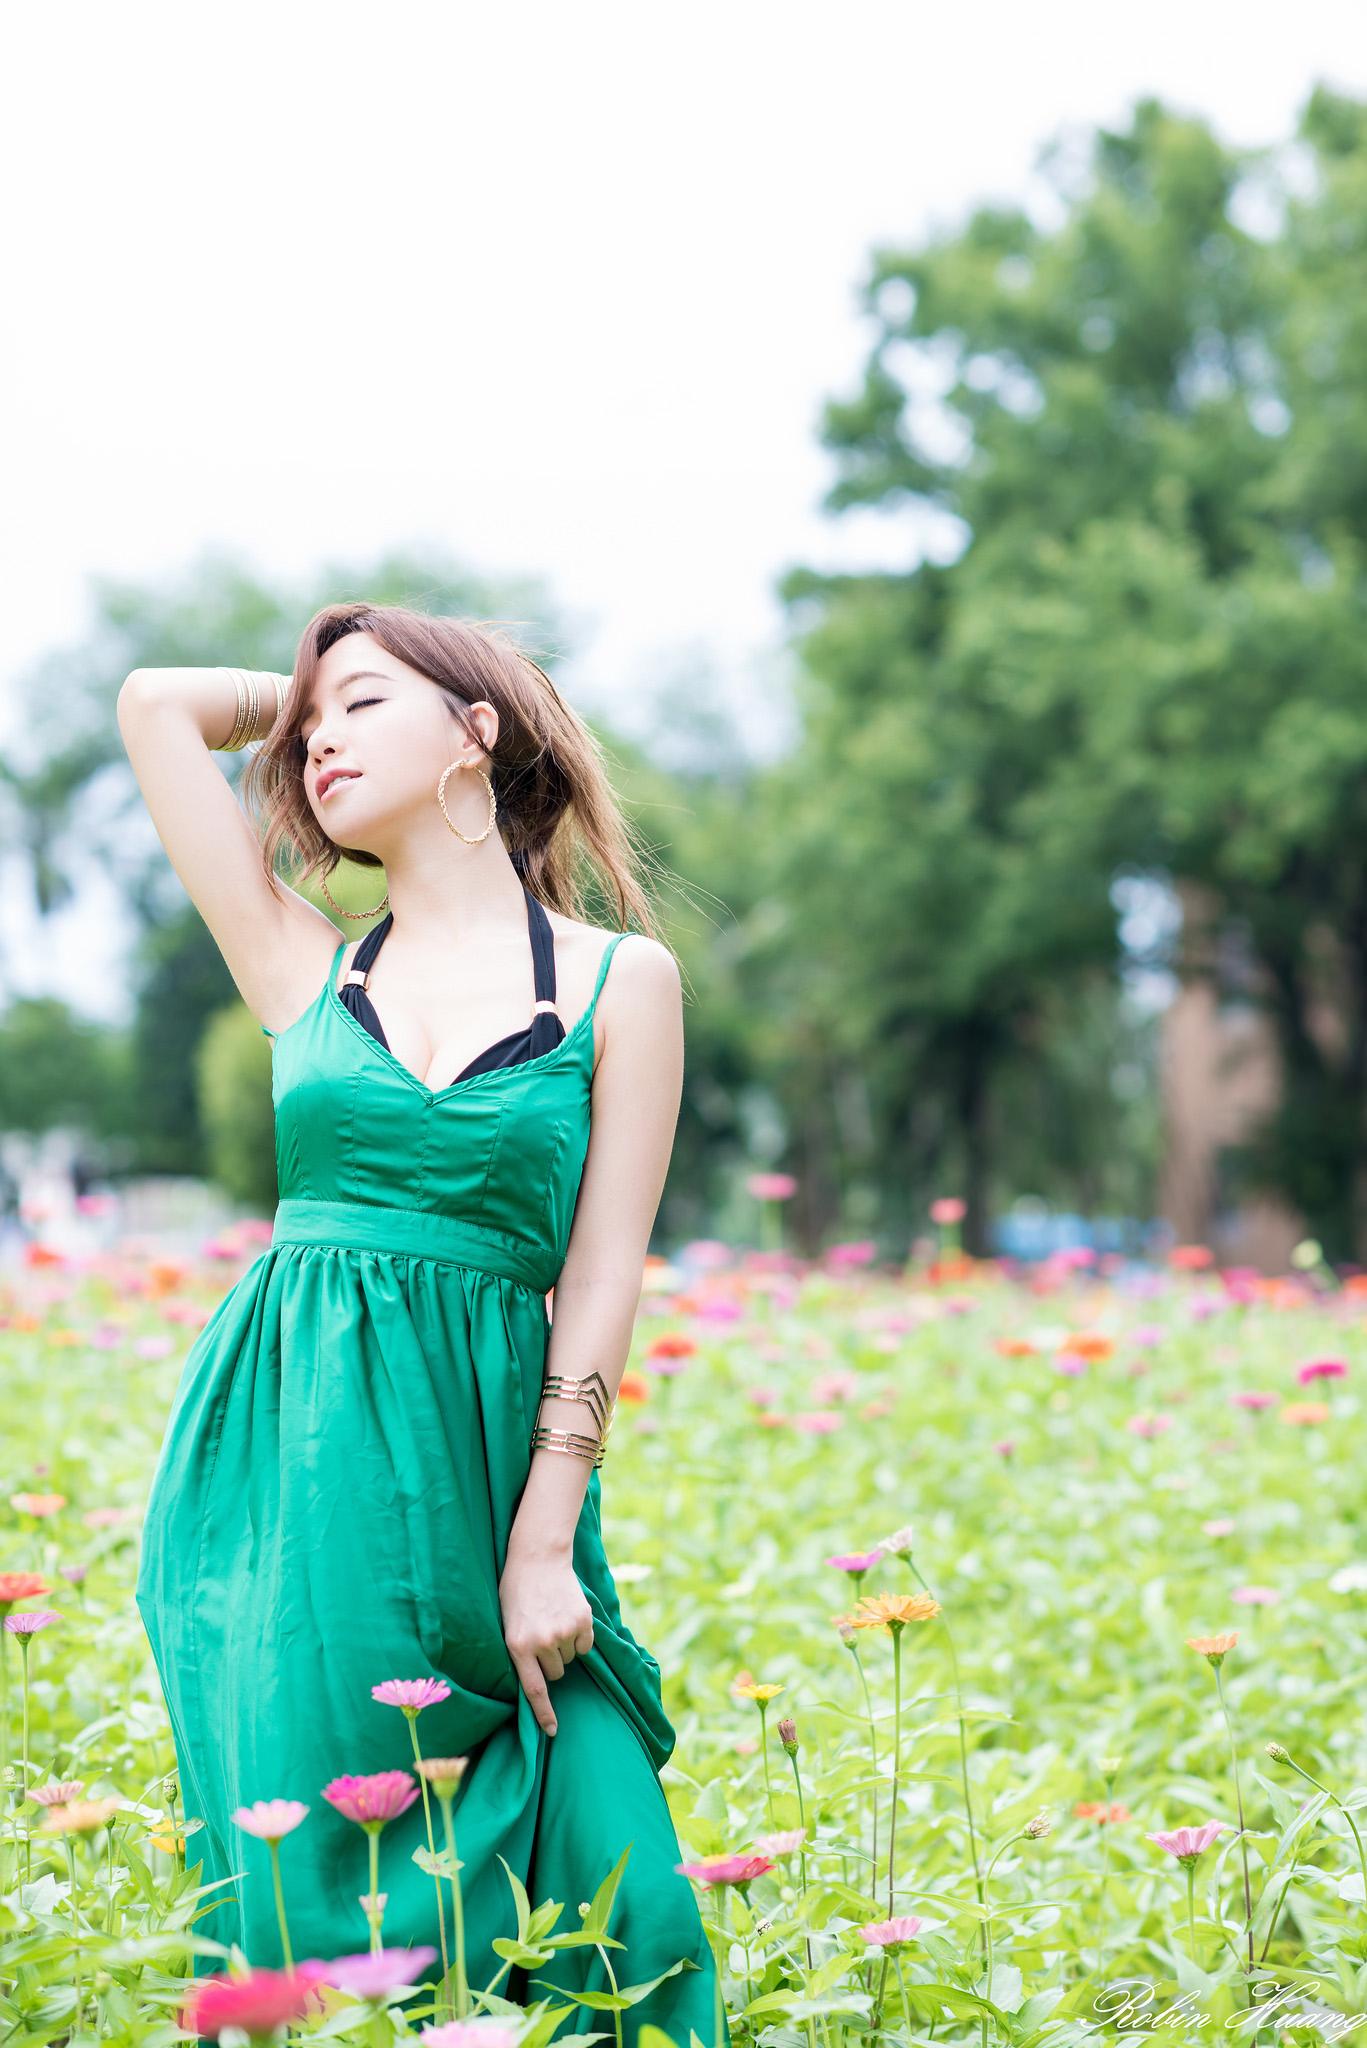 珍惜一个深爱你的人,更要珍藏一颗为你融入生命的心【情感美文】 - 花仙子 - 花仙子的博客.